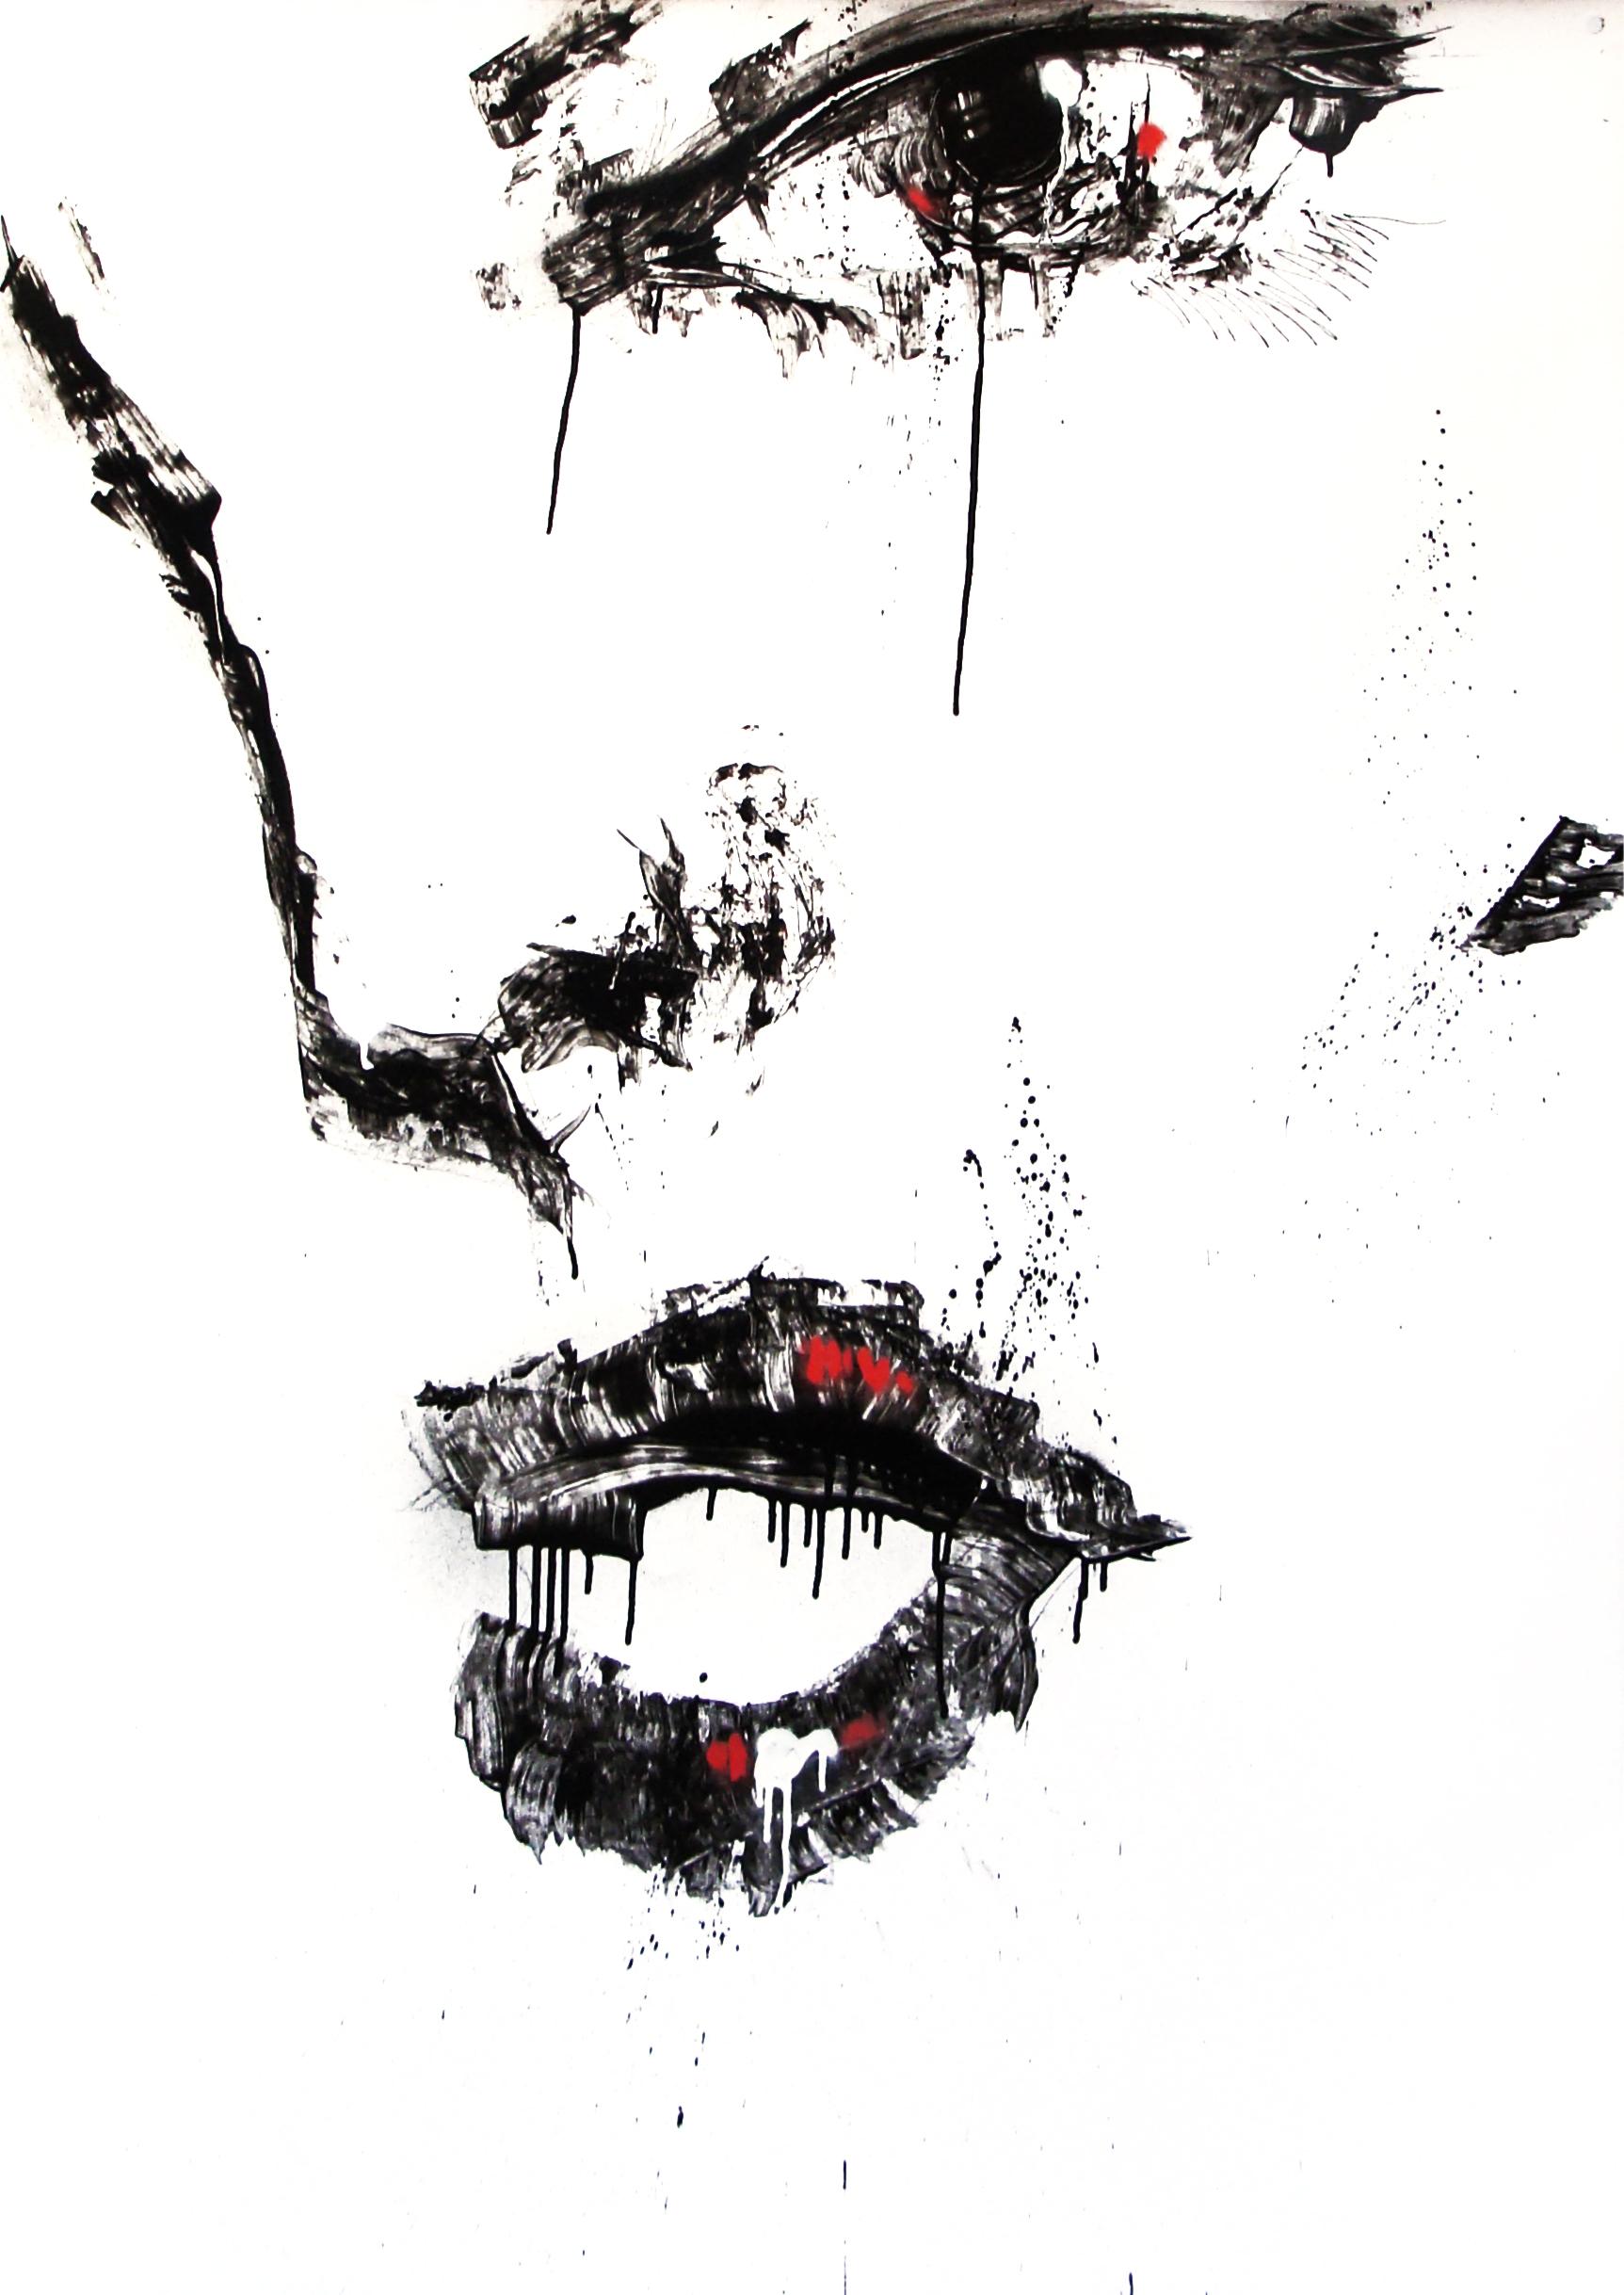 Février 2012 - Aérosol sur affiche 70 x 100 - Encre femme 1